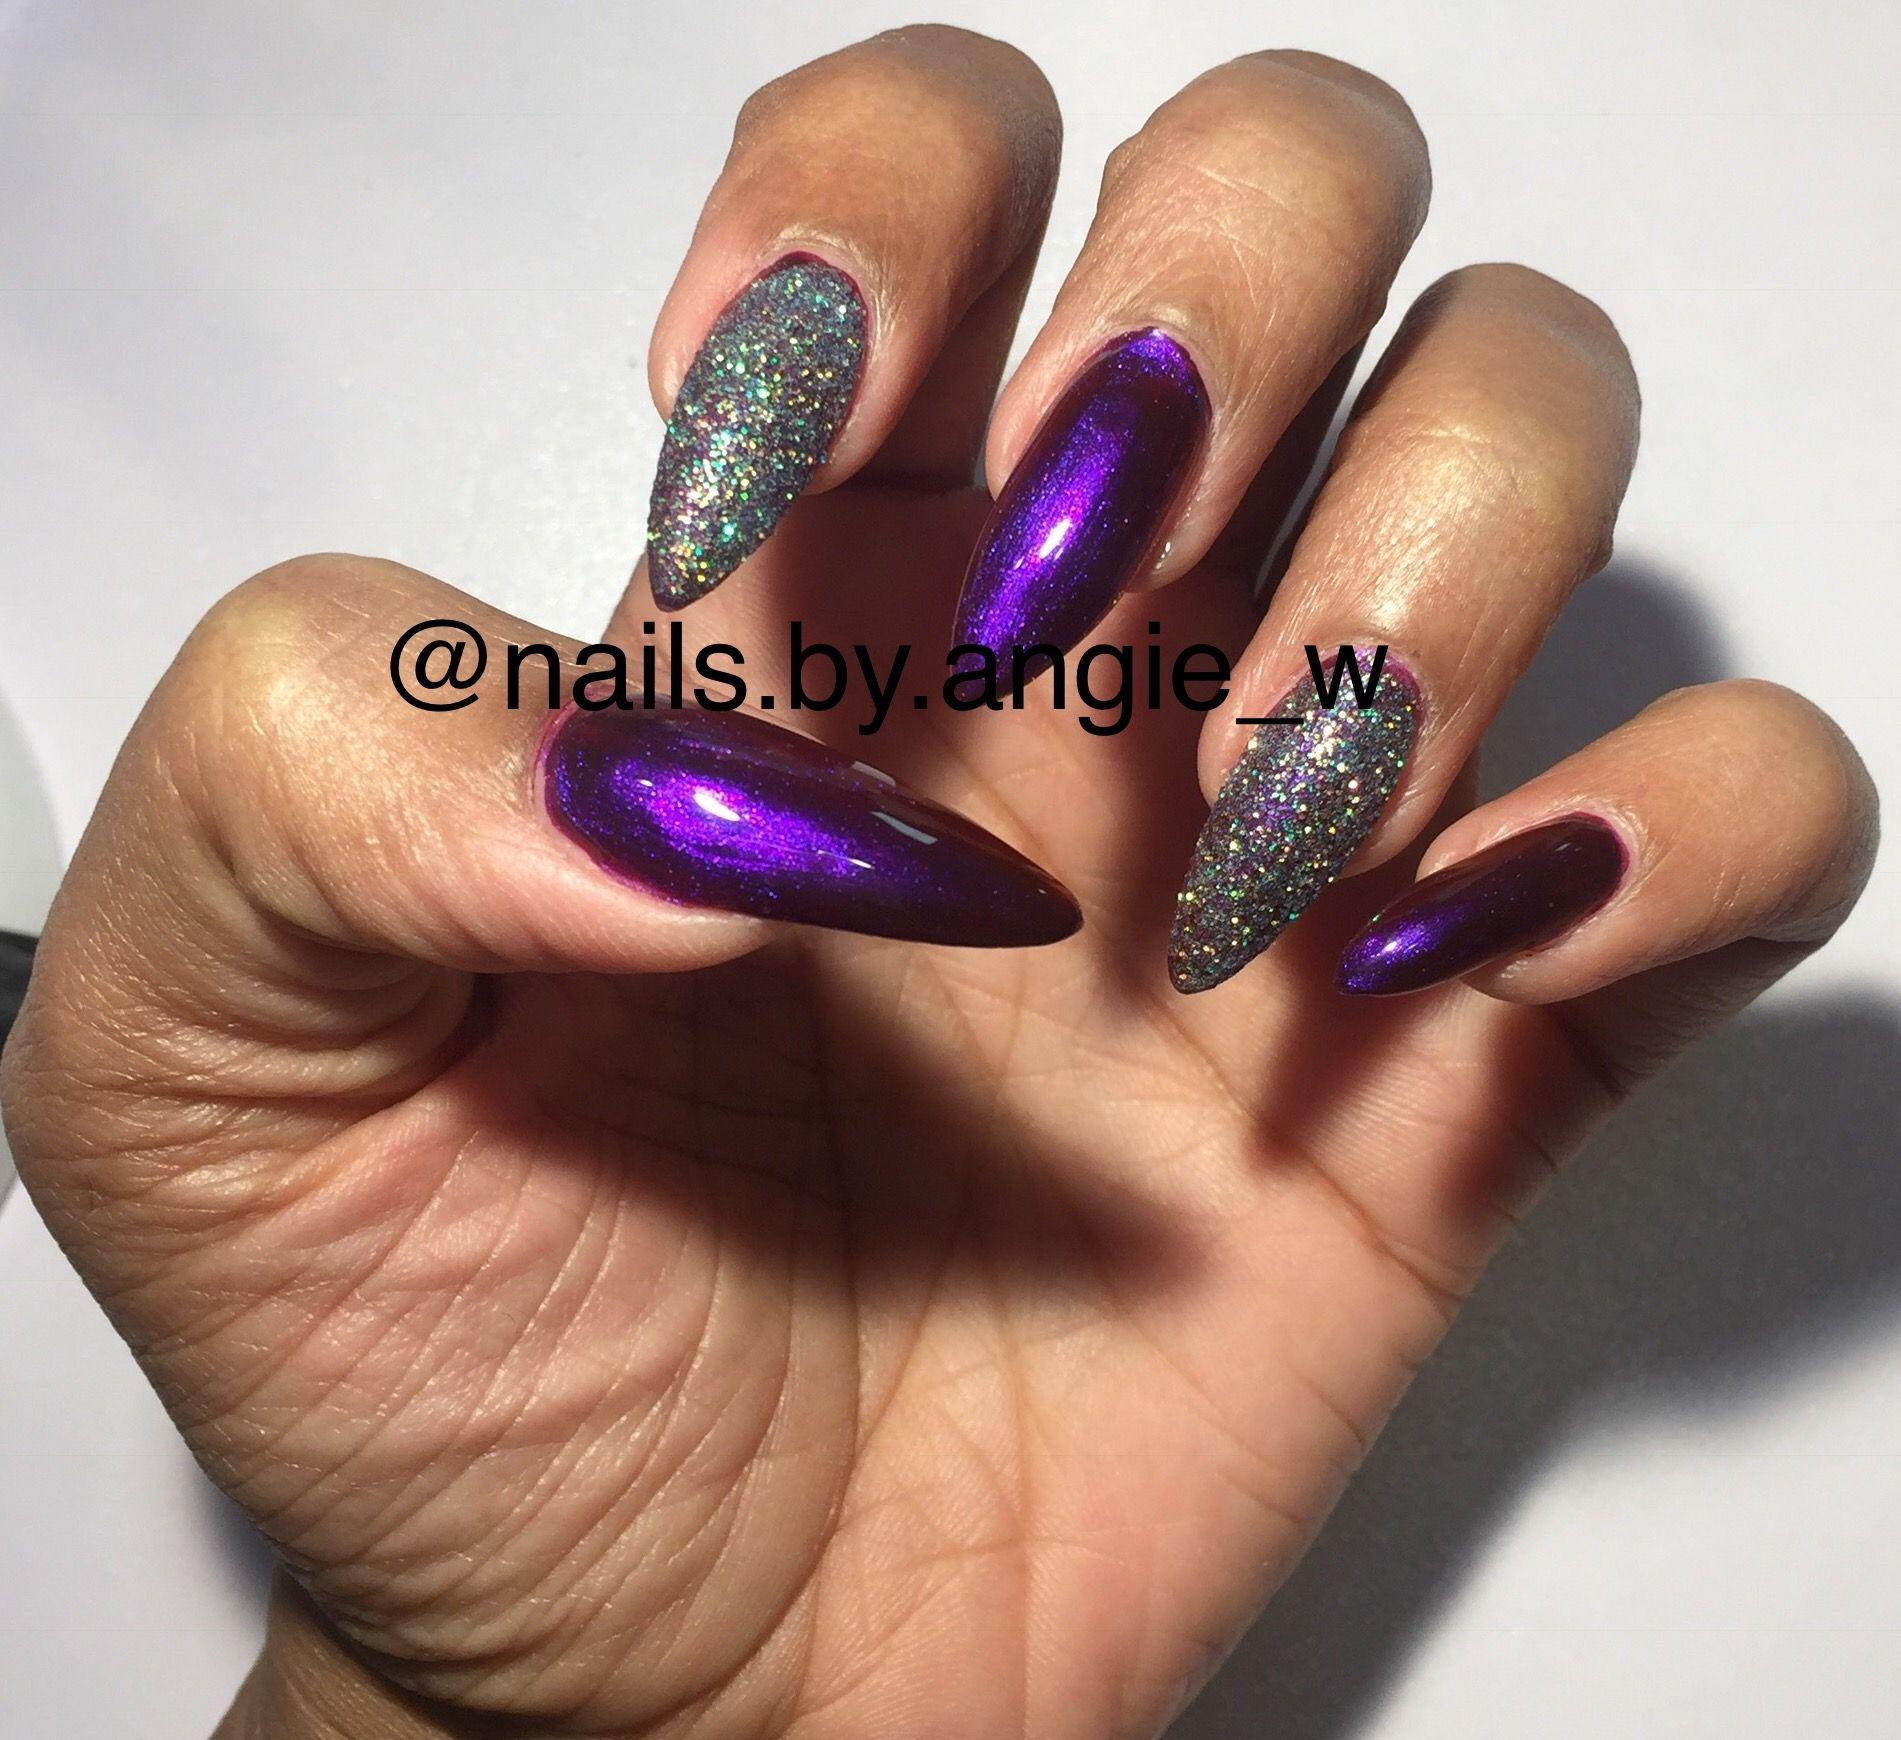 Gel full set. Sculpture nails. No tips. Stiletto nails. Chrome ...